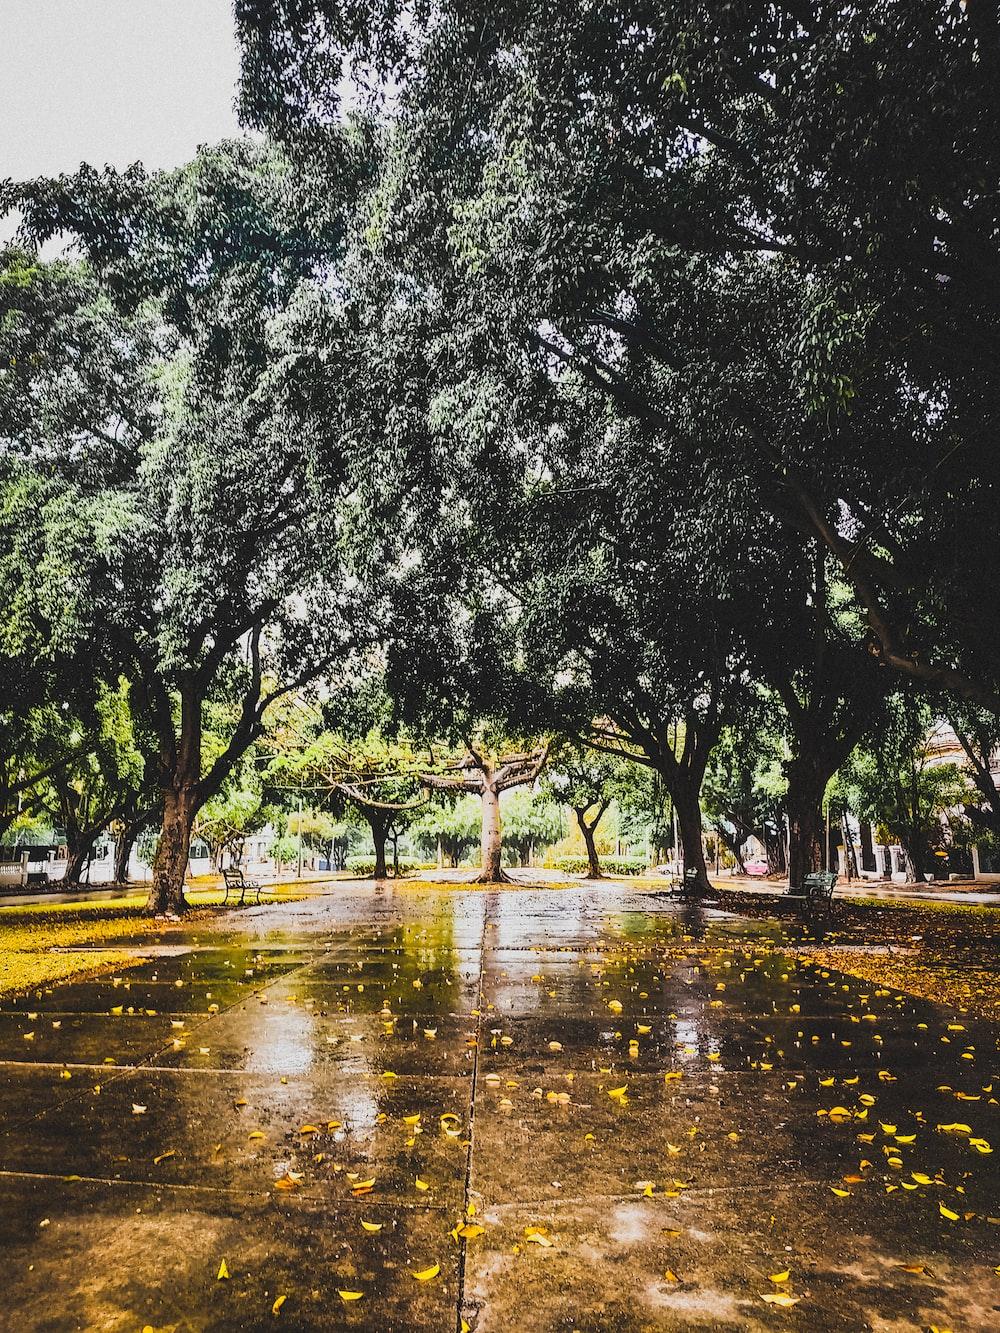 wet road between trees